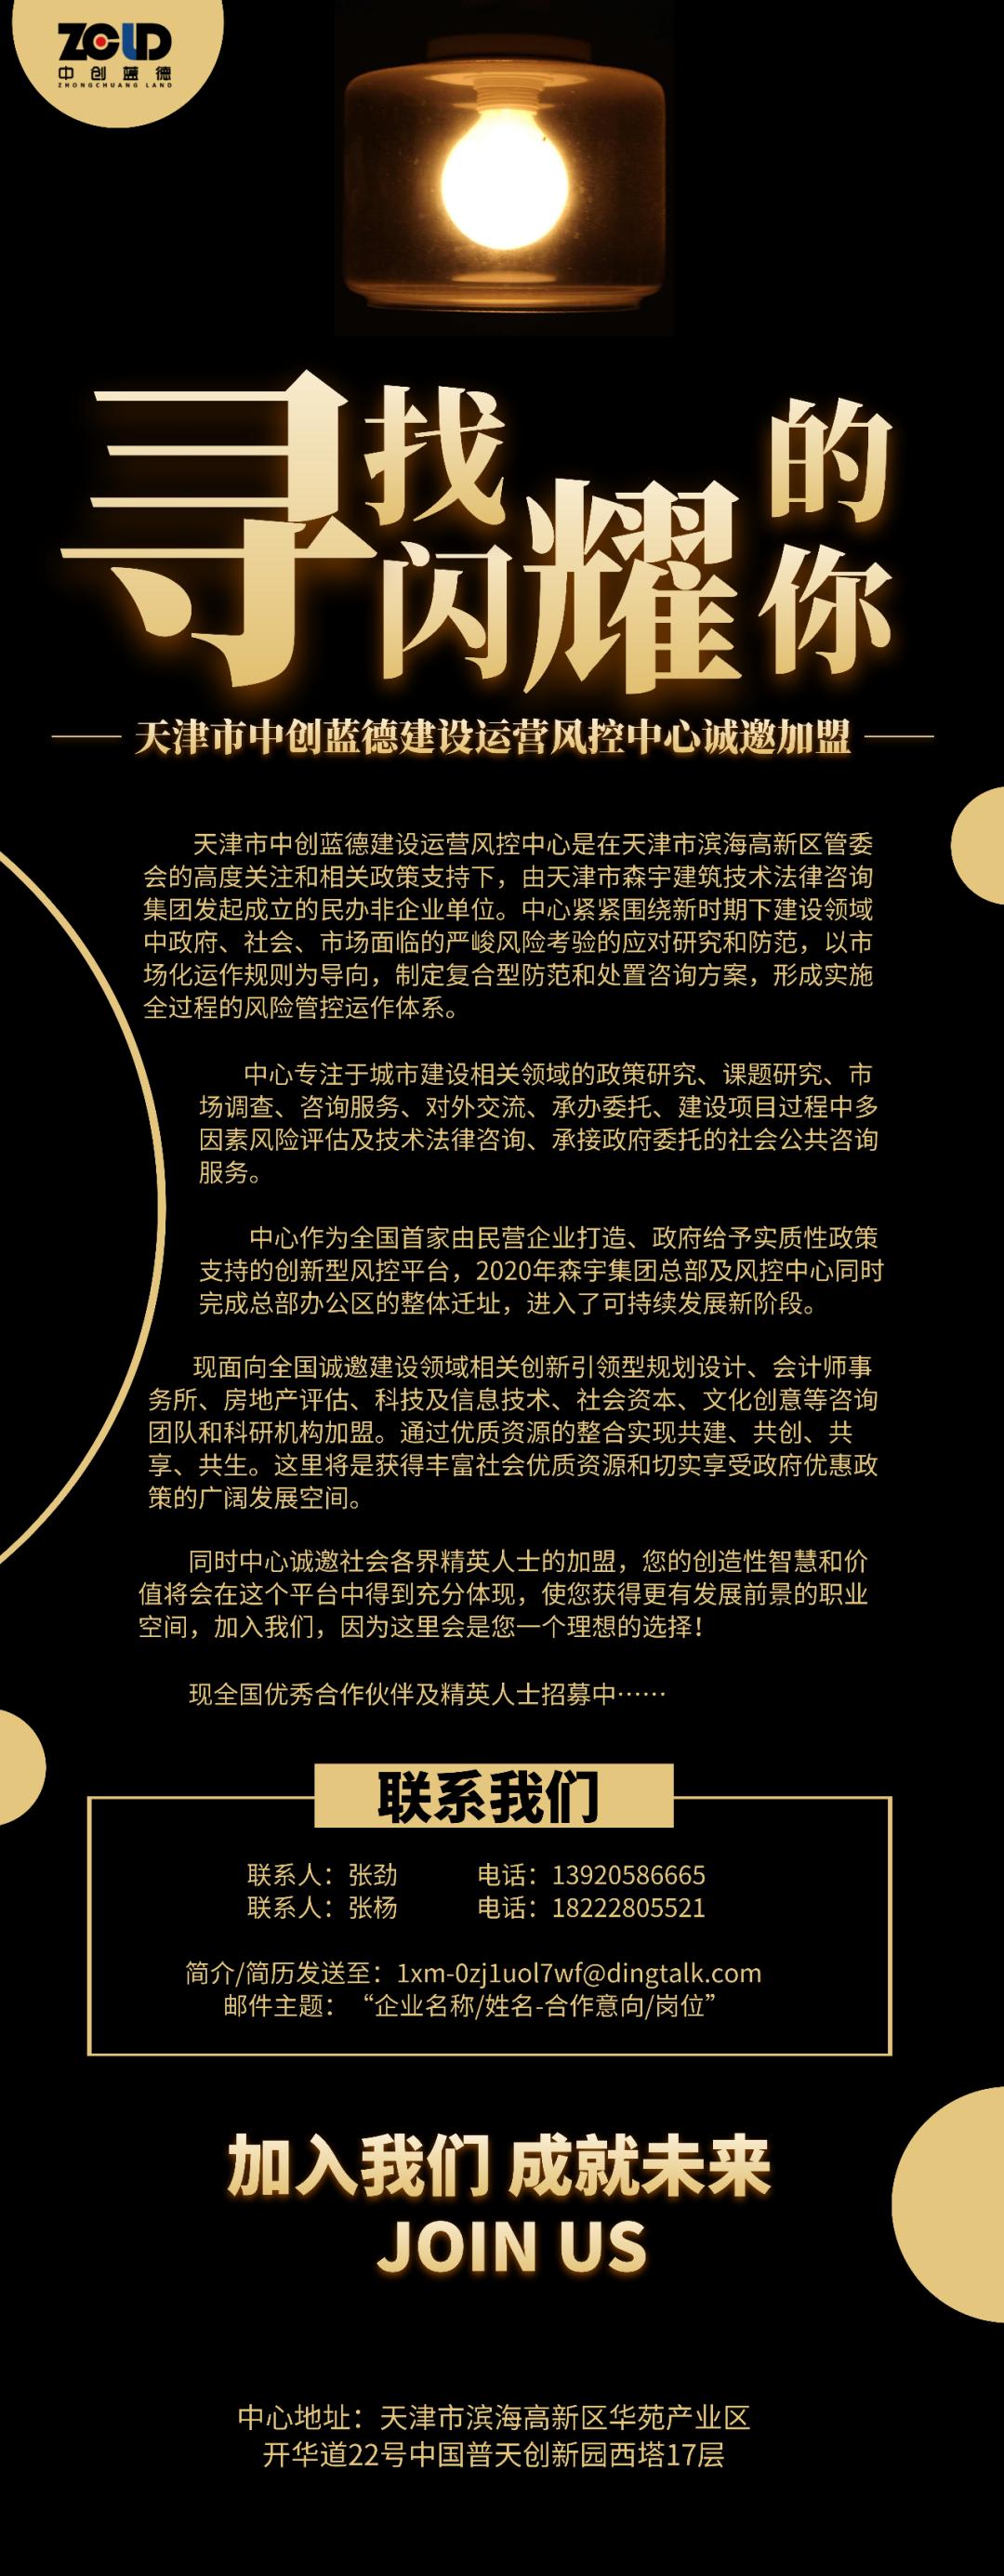 森宇建筑技术法律咨询集团、中创蓝德建设运营风控中心诚邀加盟